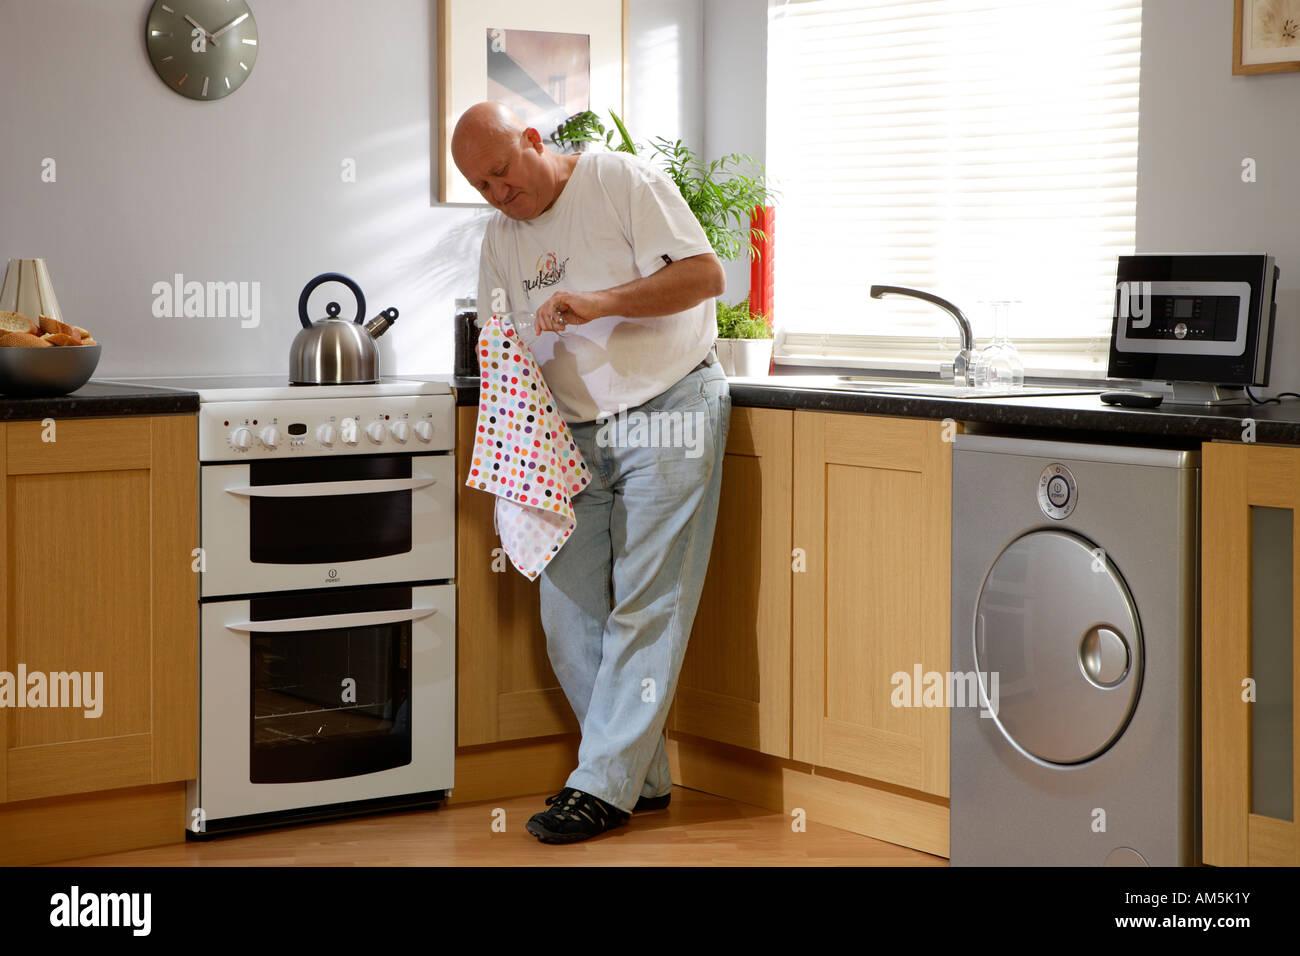 Charmant 50 S 60 S Küchen Bilder - Ideen Für Die Küche Dekoration ...